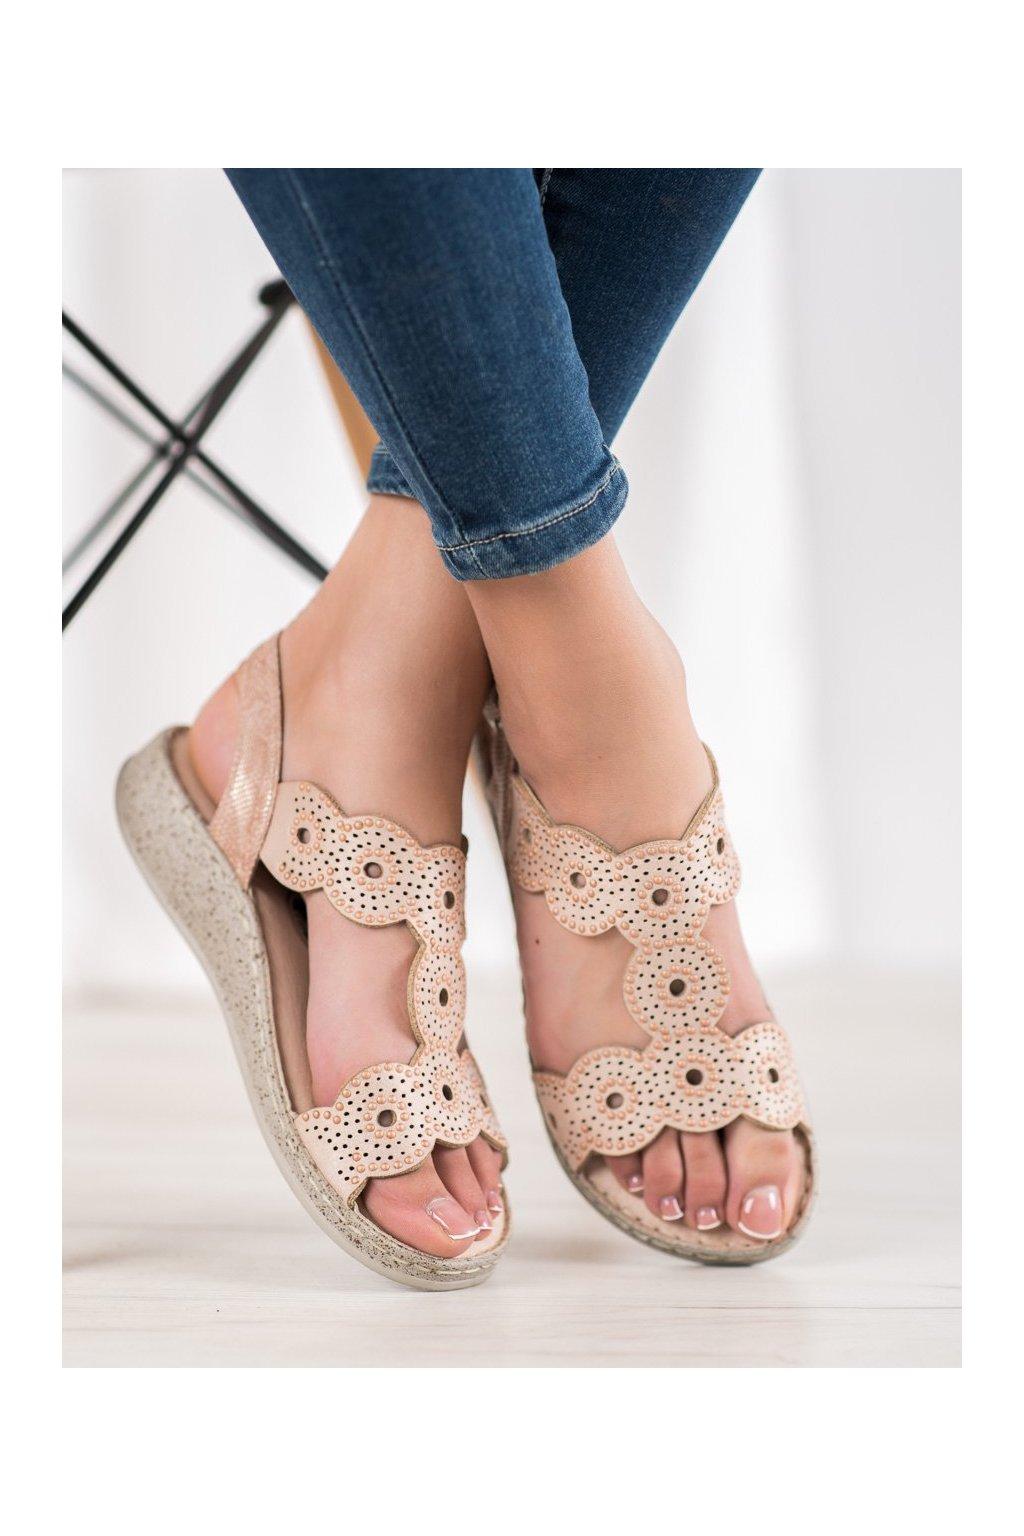 Hnedé sandále Shelovet kod B119-05-03NU